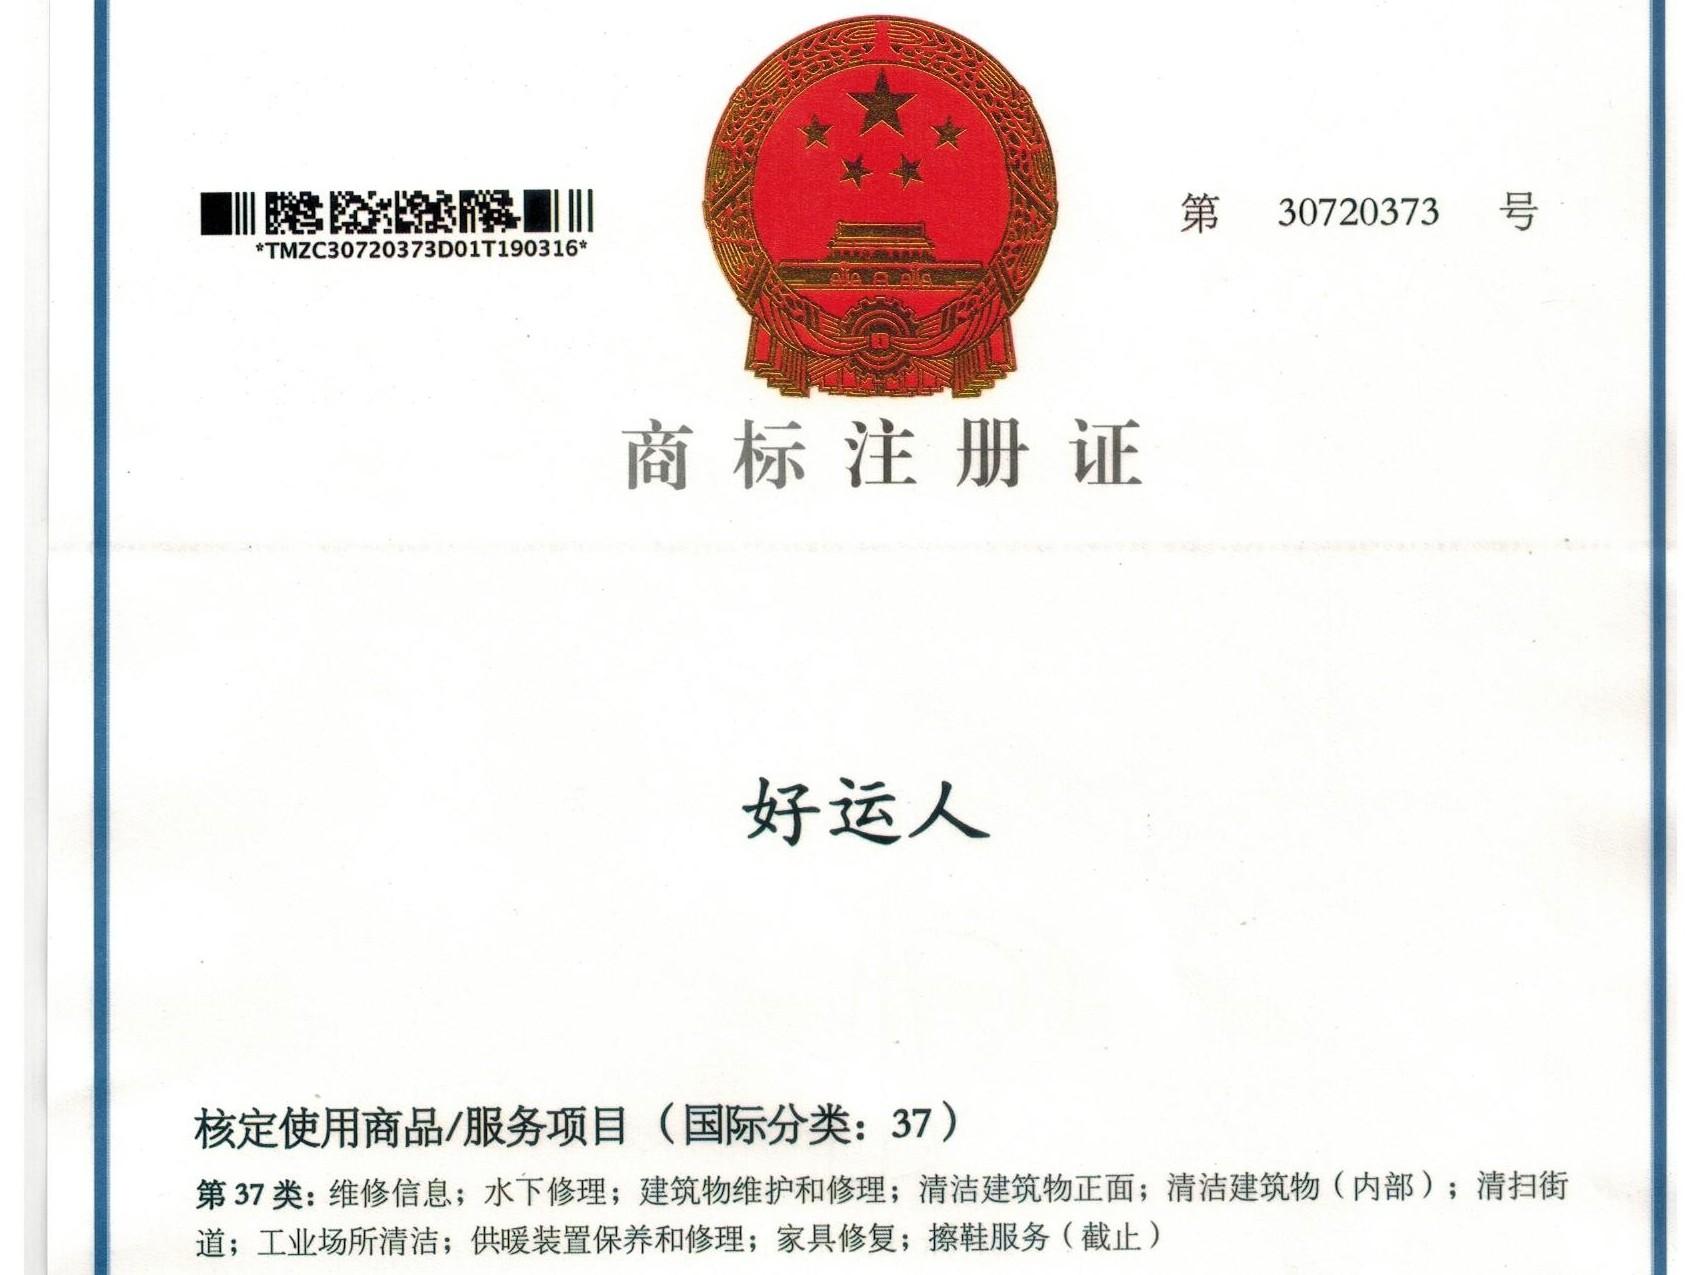 37类清洁、维修商标注册证